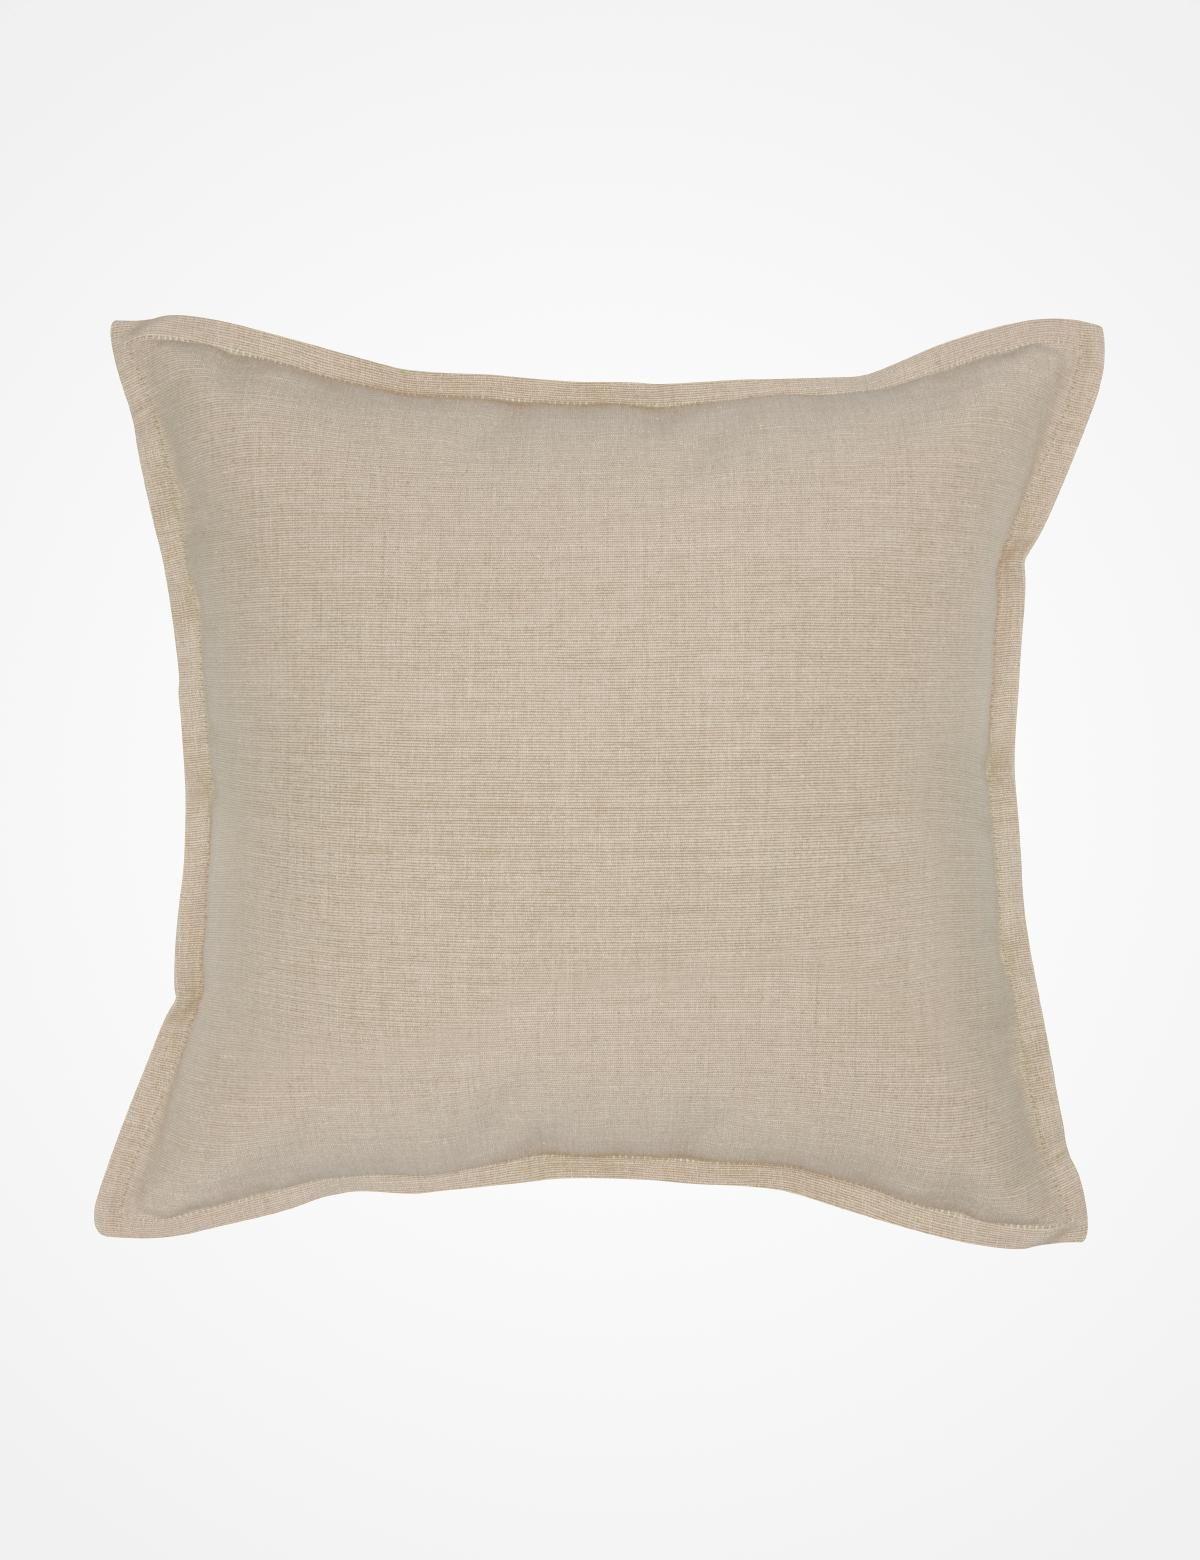 CROSSCOVER kuddfodral beige   Pillow   Pillow   Kuddar   Inredning   INDISKA Shop Online